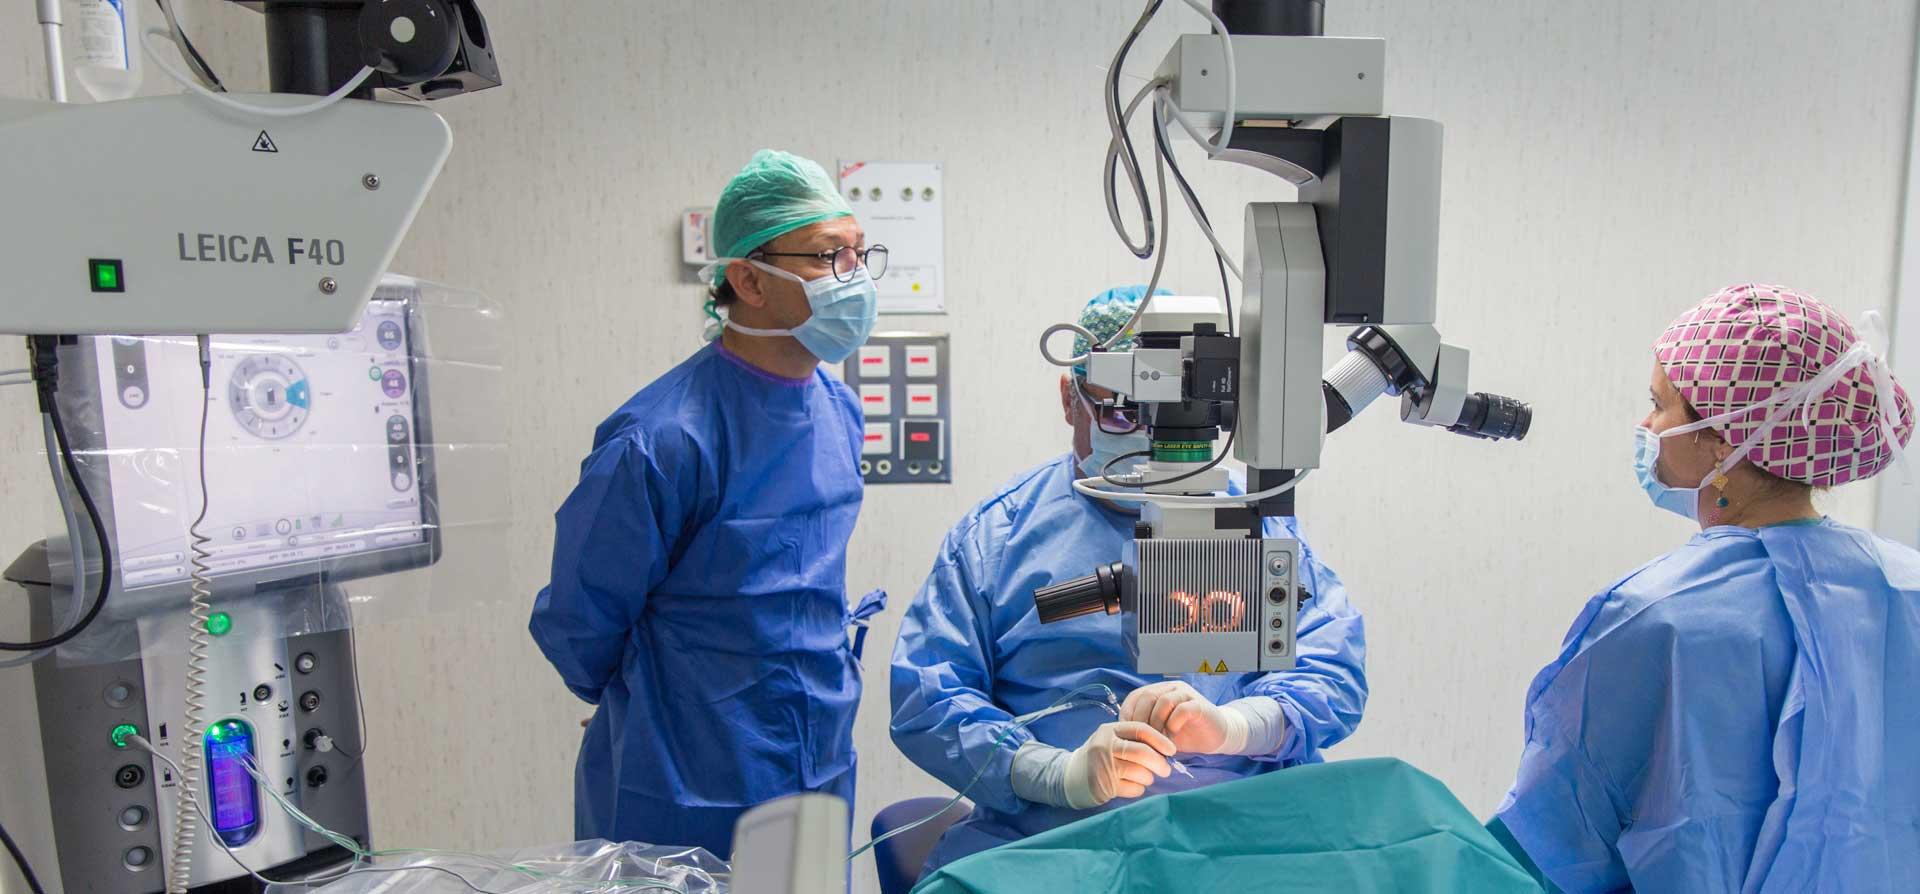 clinica oftalmologica tetuan)